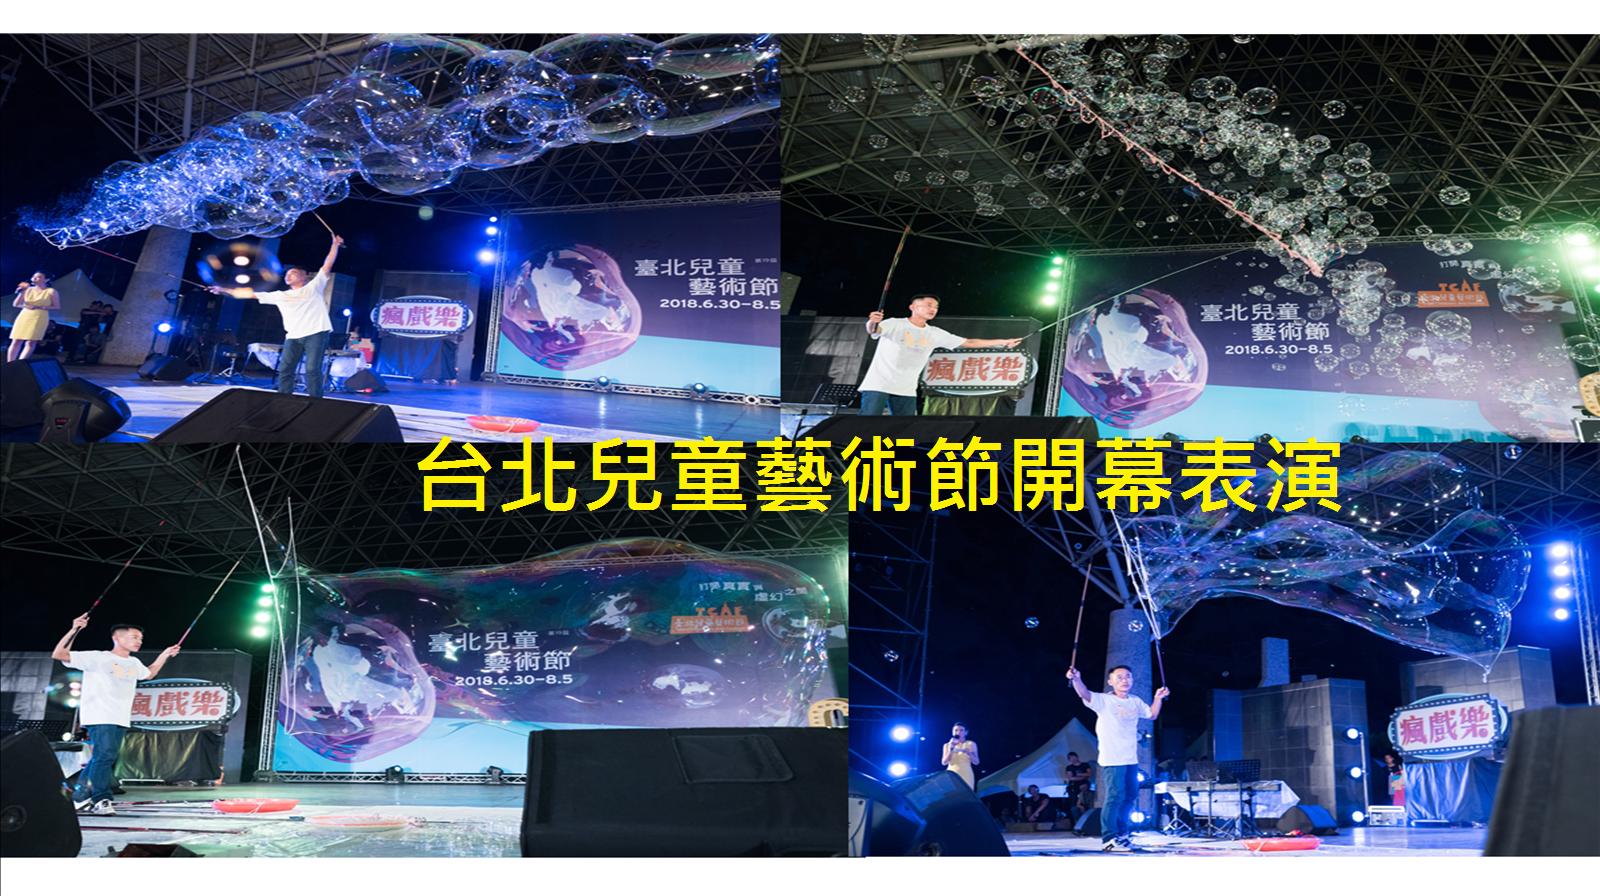 台北兒童藝術節開幕泡泡表演 泡泡奇蹟